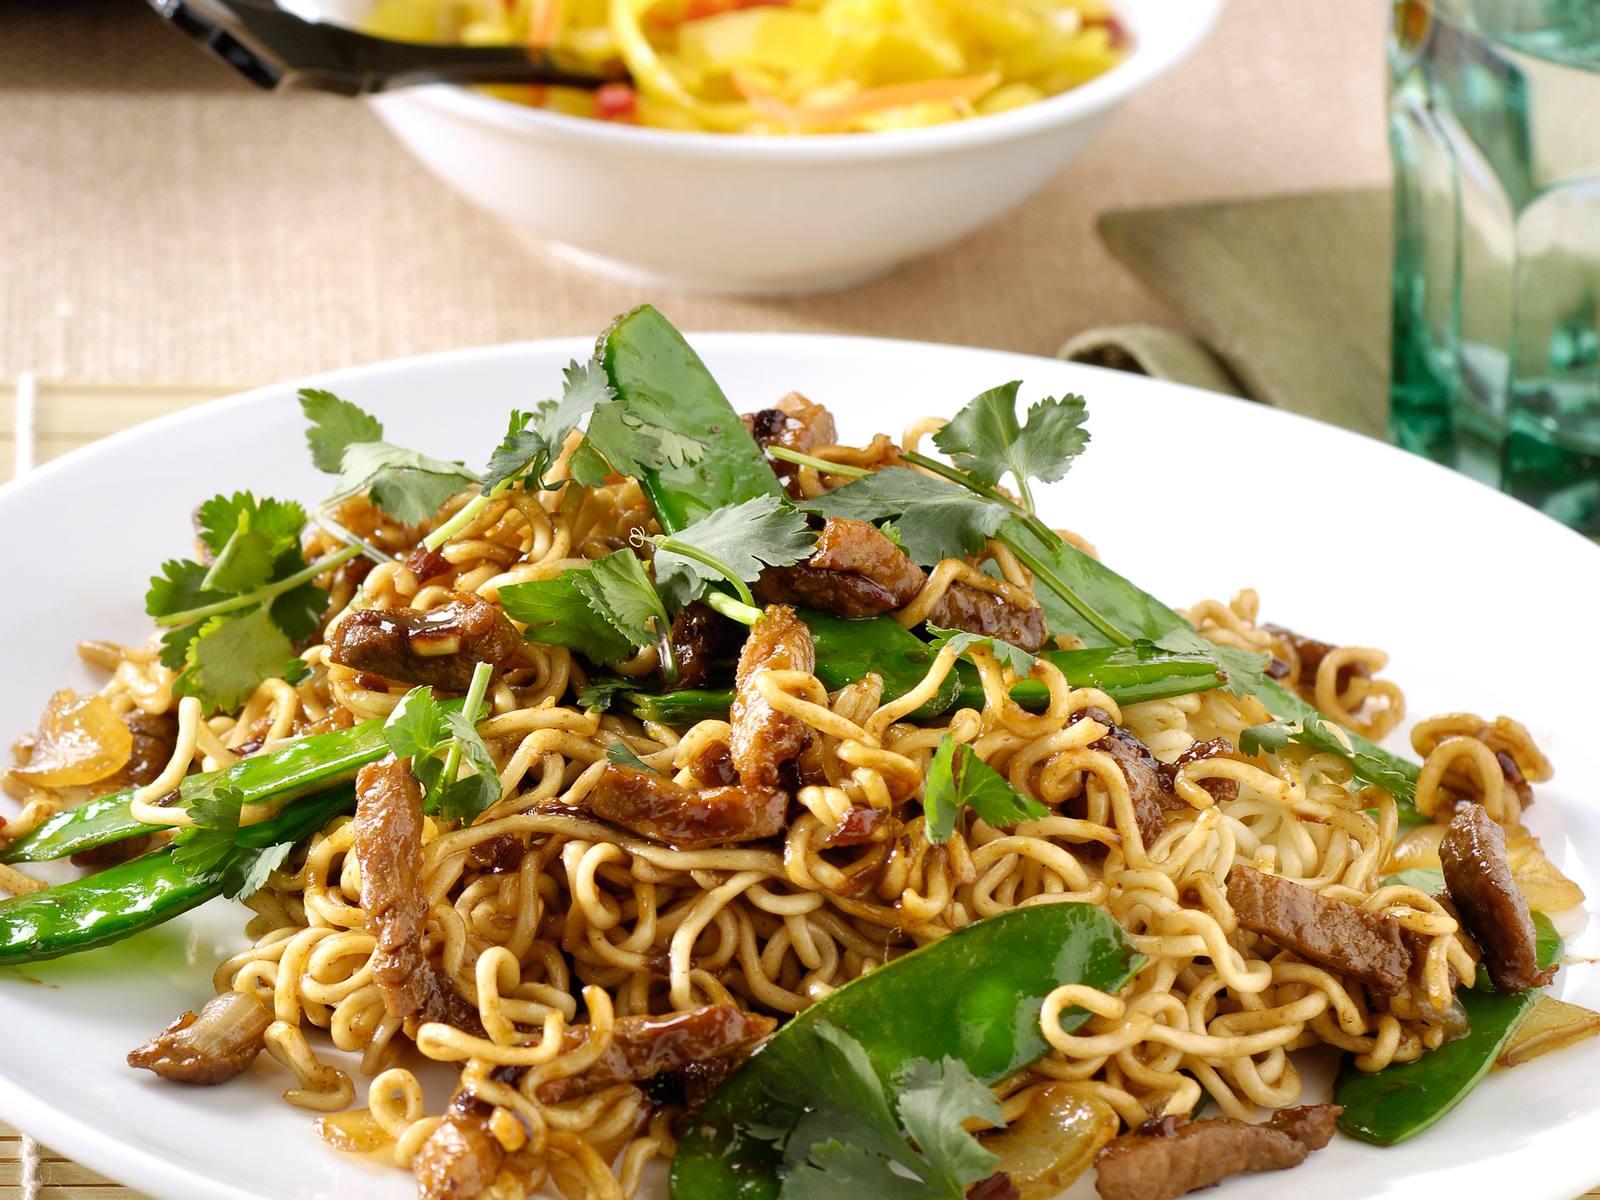 Babi Ketjap met vleesreepjes, peultjes en woknoedels